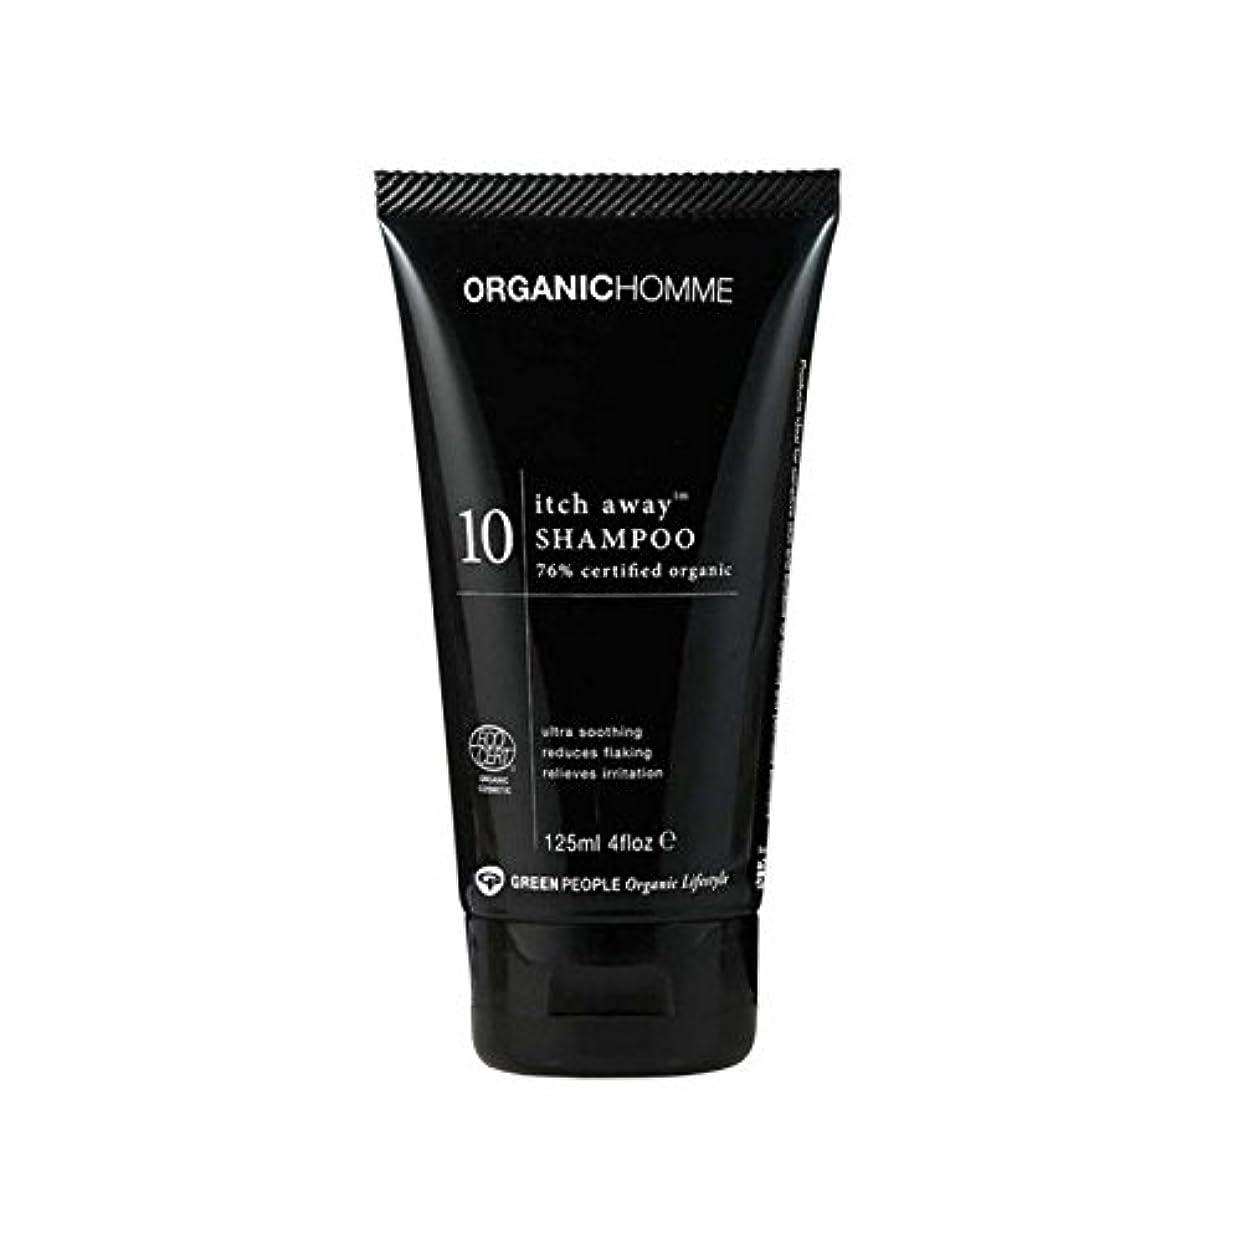 息子クレタサイドボード緑の人々の有機オム10かゆみ離れシャンプー(125ミリリットル) x2 - Green People Organic Homme 10 Itch Away Shampoo (125ml) (Pack of 2) [並行輸入品]